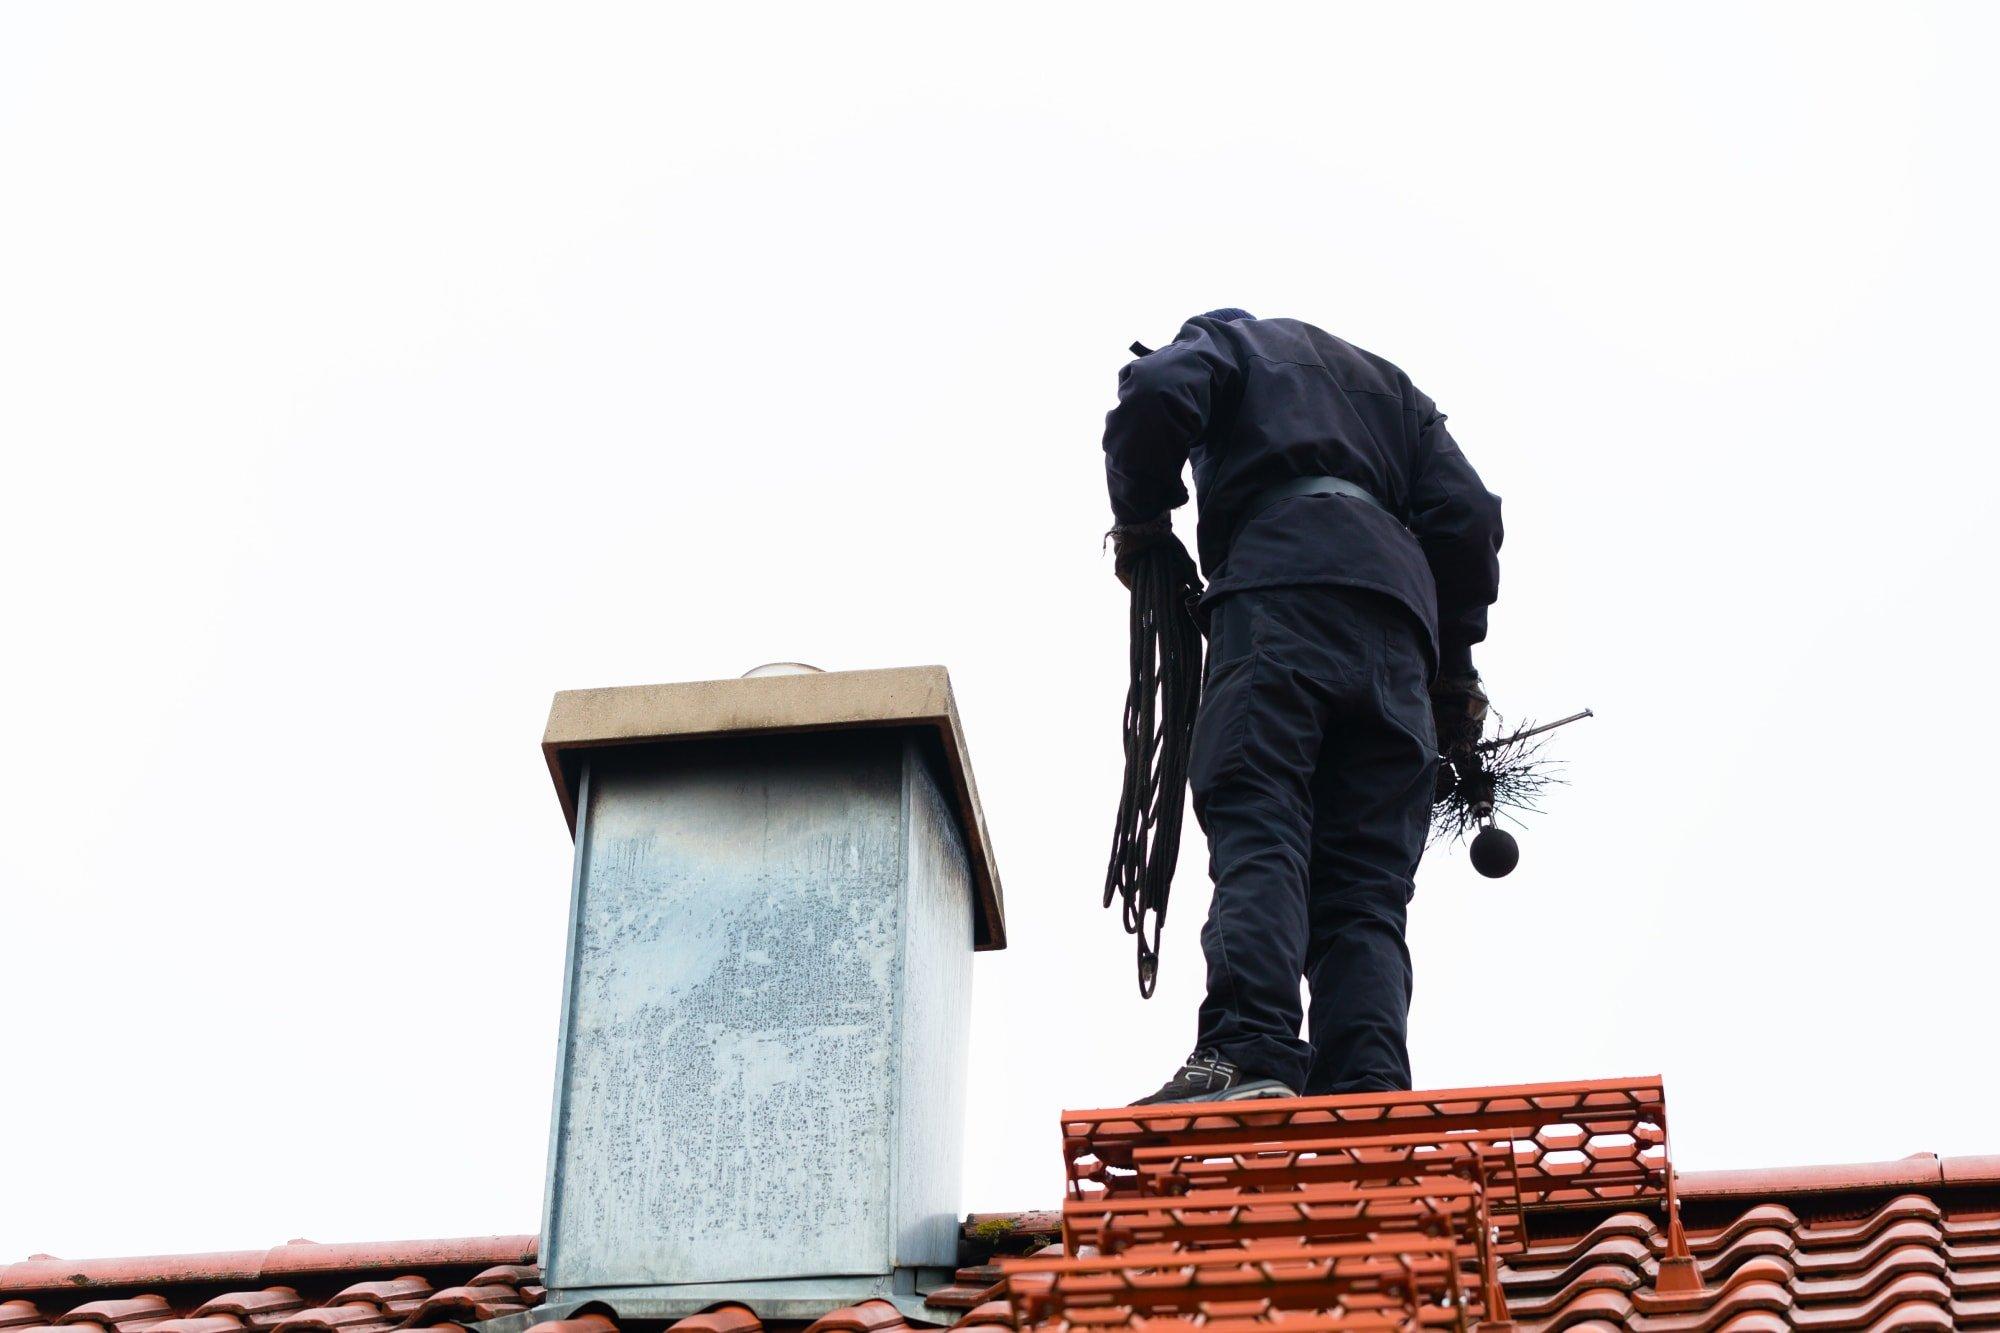 Kominík při práci na střeše